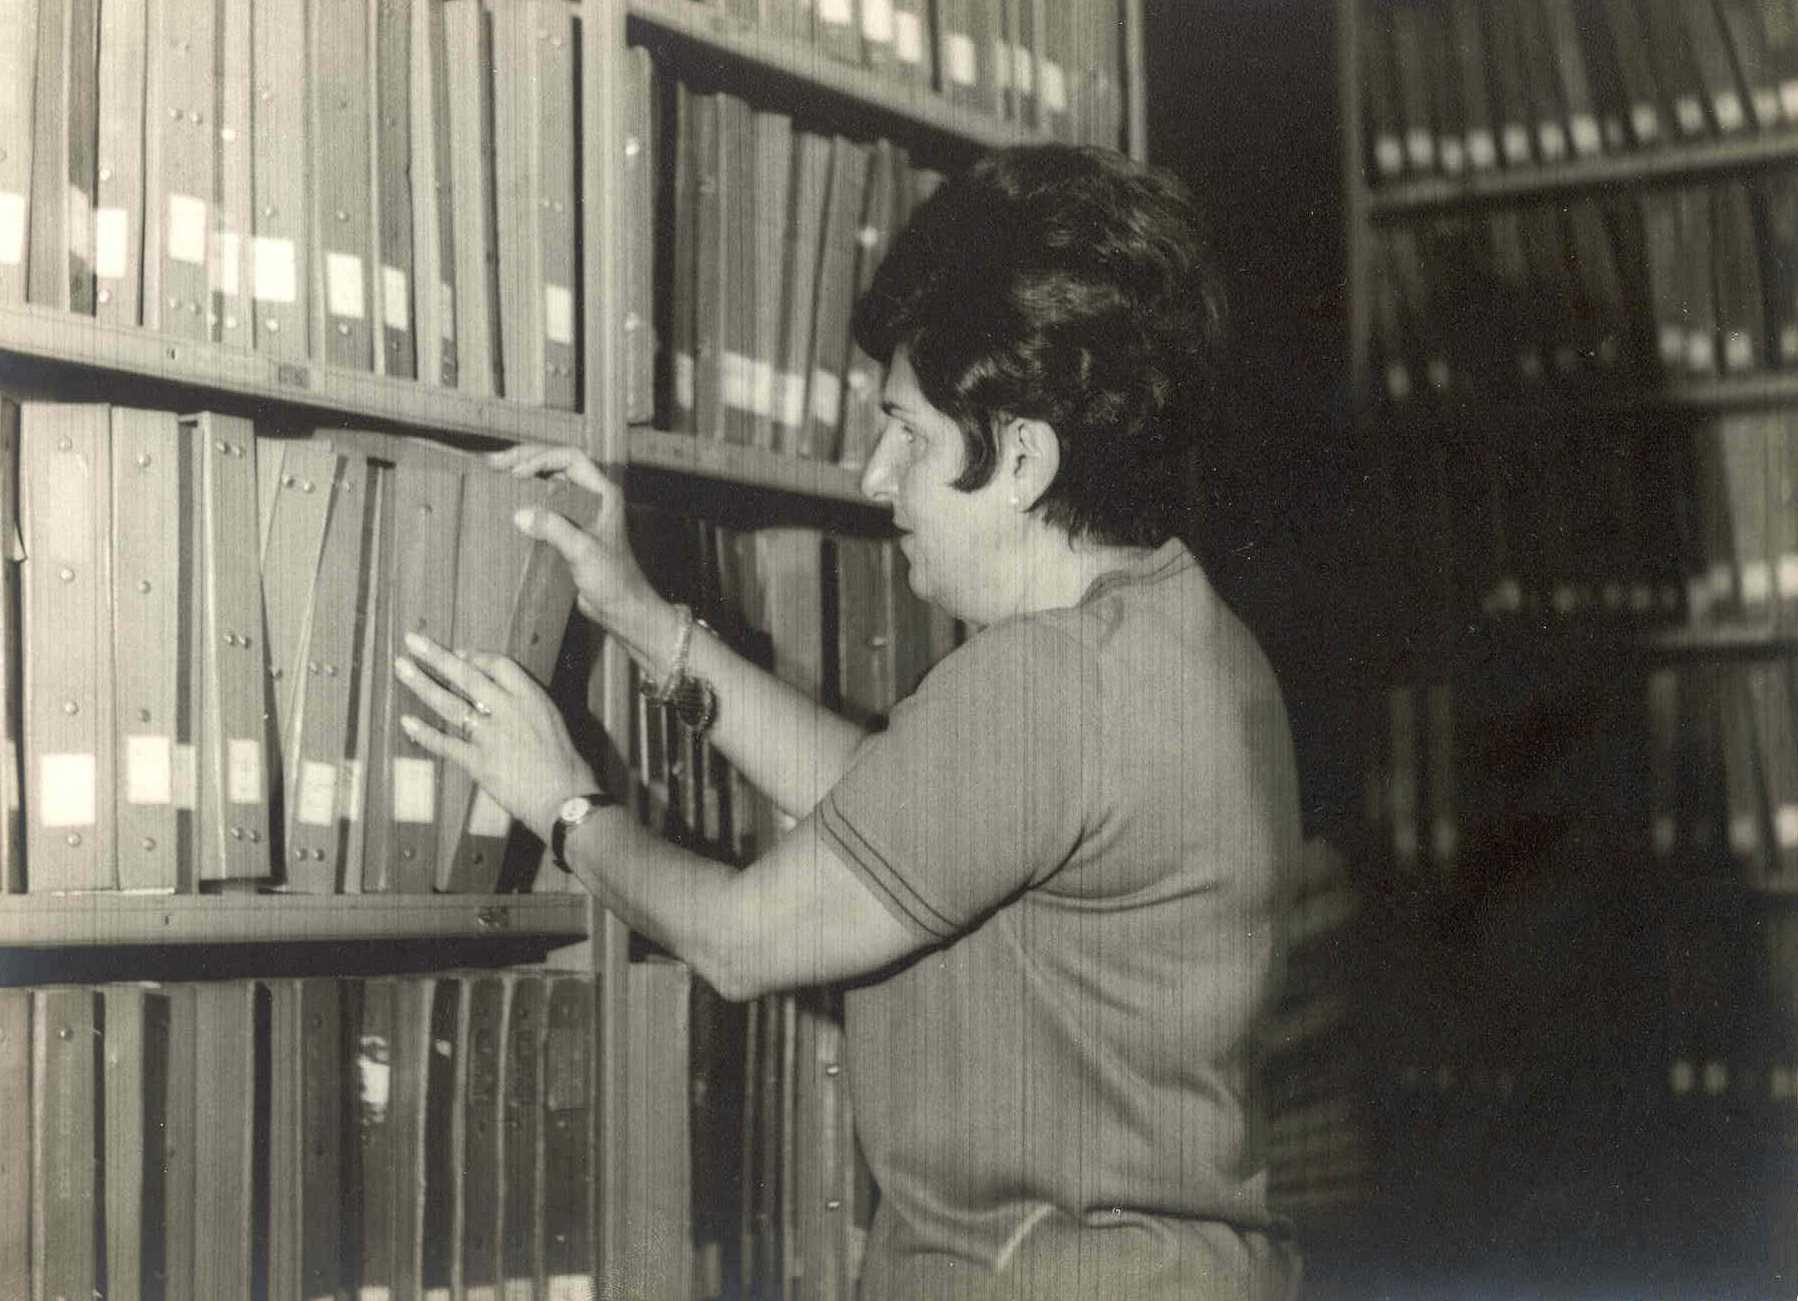 Foto em preto e branco de Dorina escolhendo um livro em uma prateleira cheia.